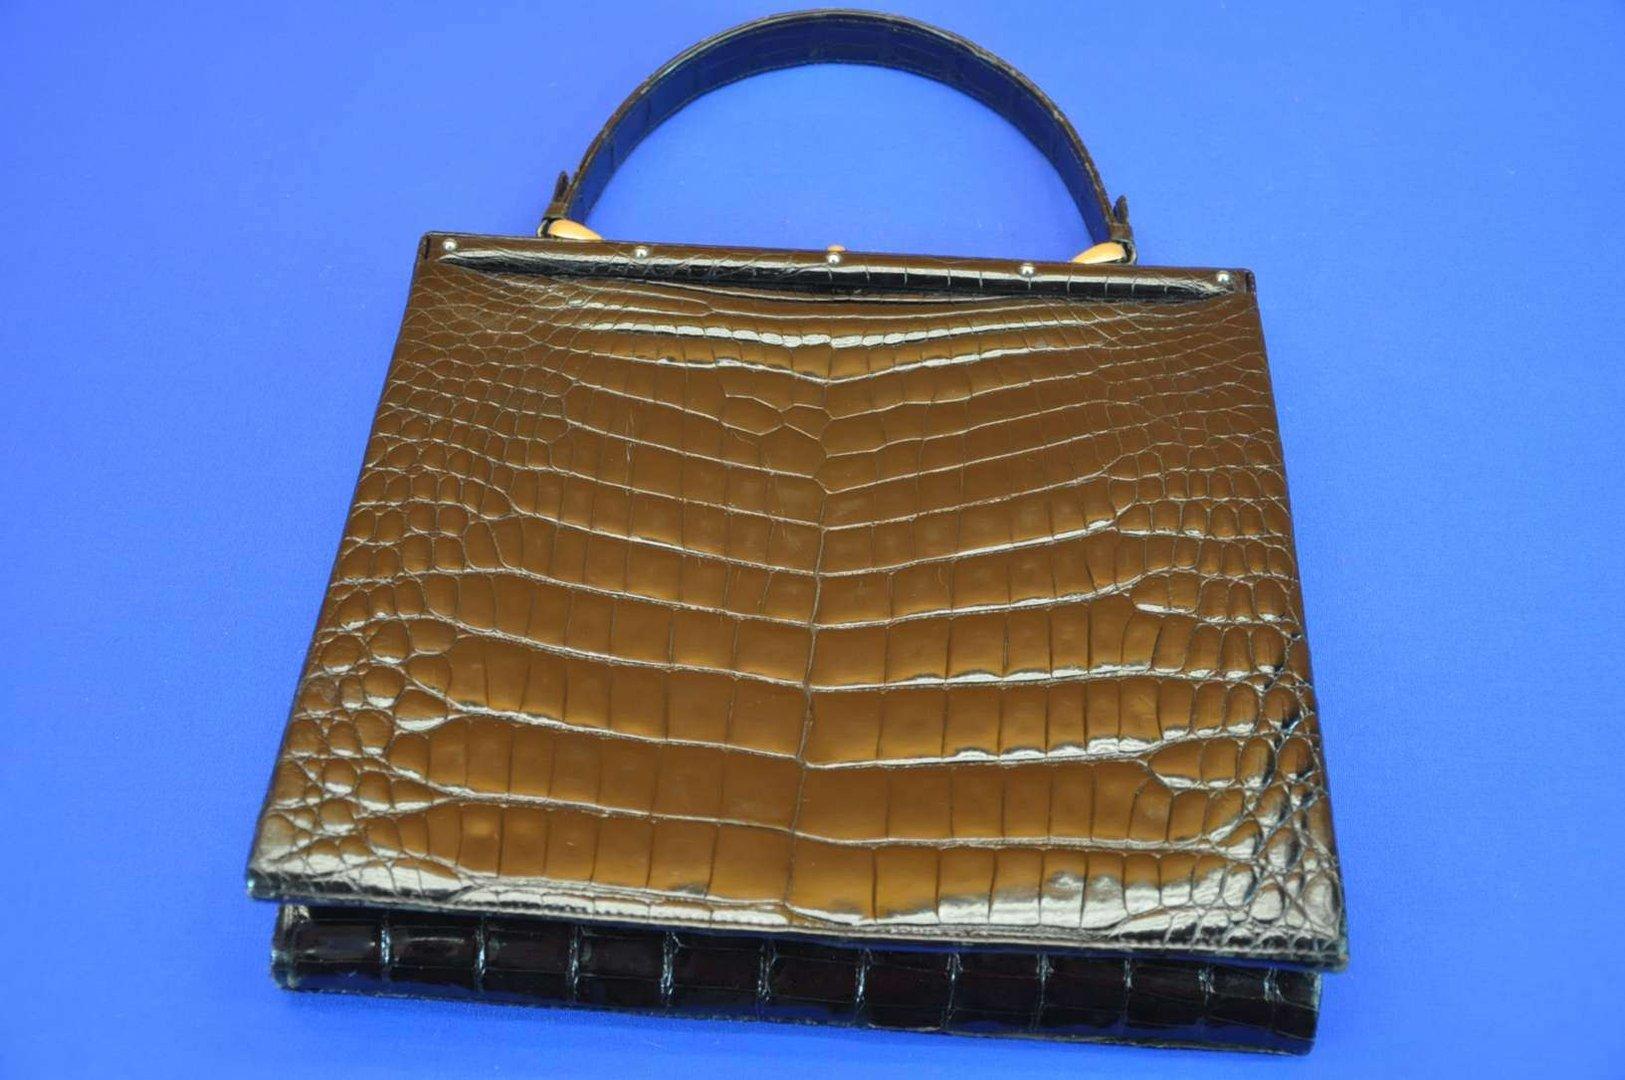 3e0b5e85c24c2 Comtesse Vintage Handtasche Leder Kroko in Schwarz 60er - KuSeRa